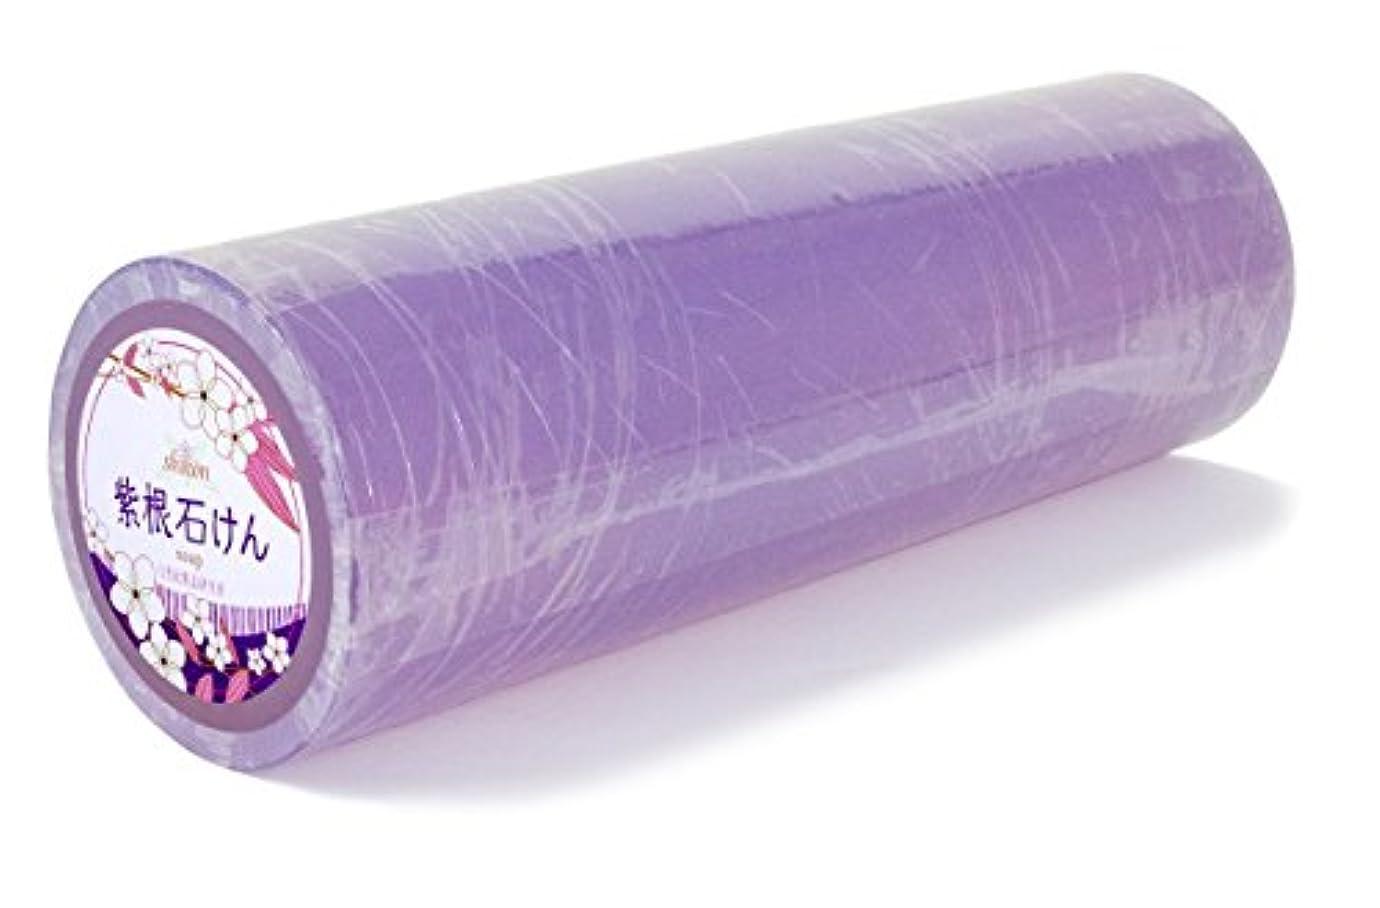 除去飲食店世界に死んだ自然化粧品研究所 紫根石けん 棒状 約870g